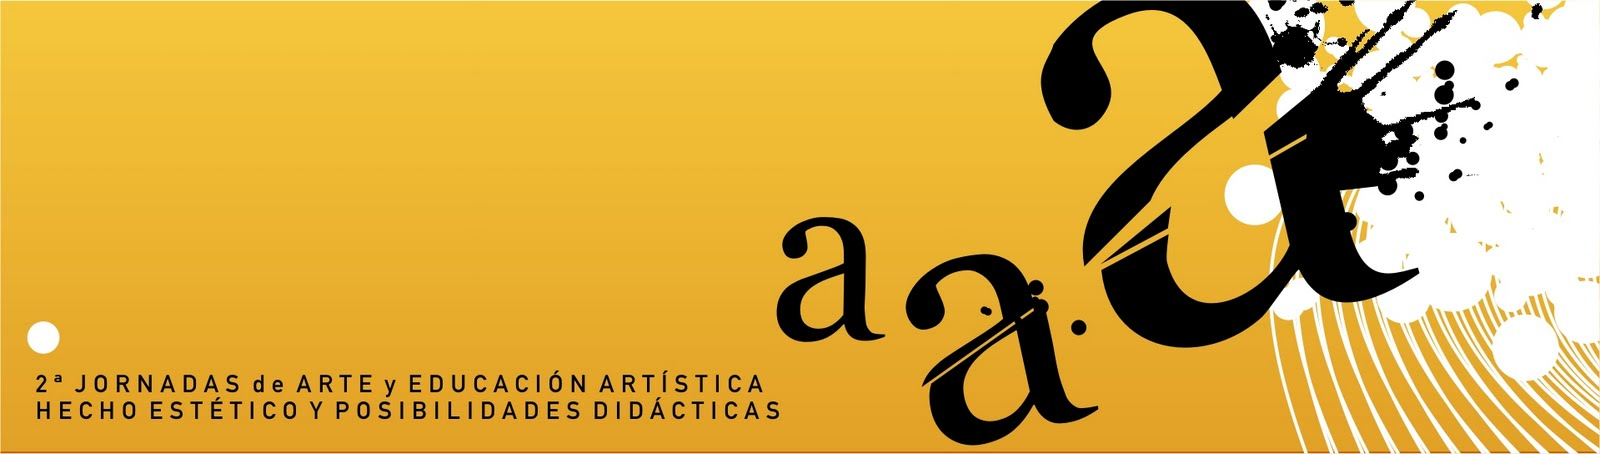 Jornadas de Arte y Educación Artística